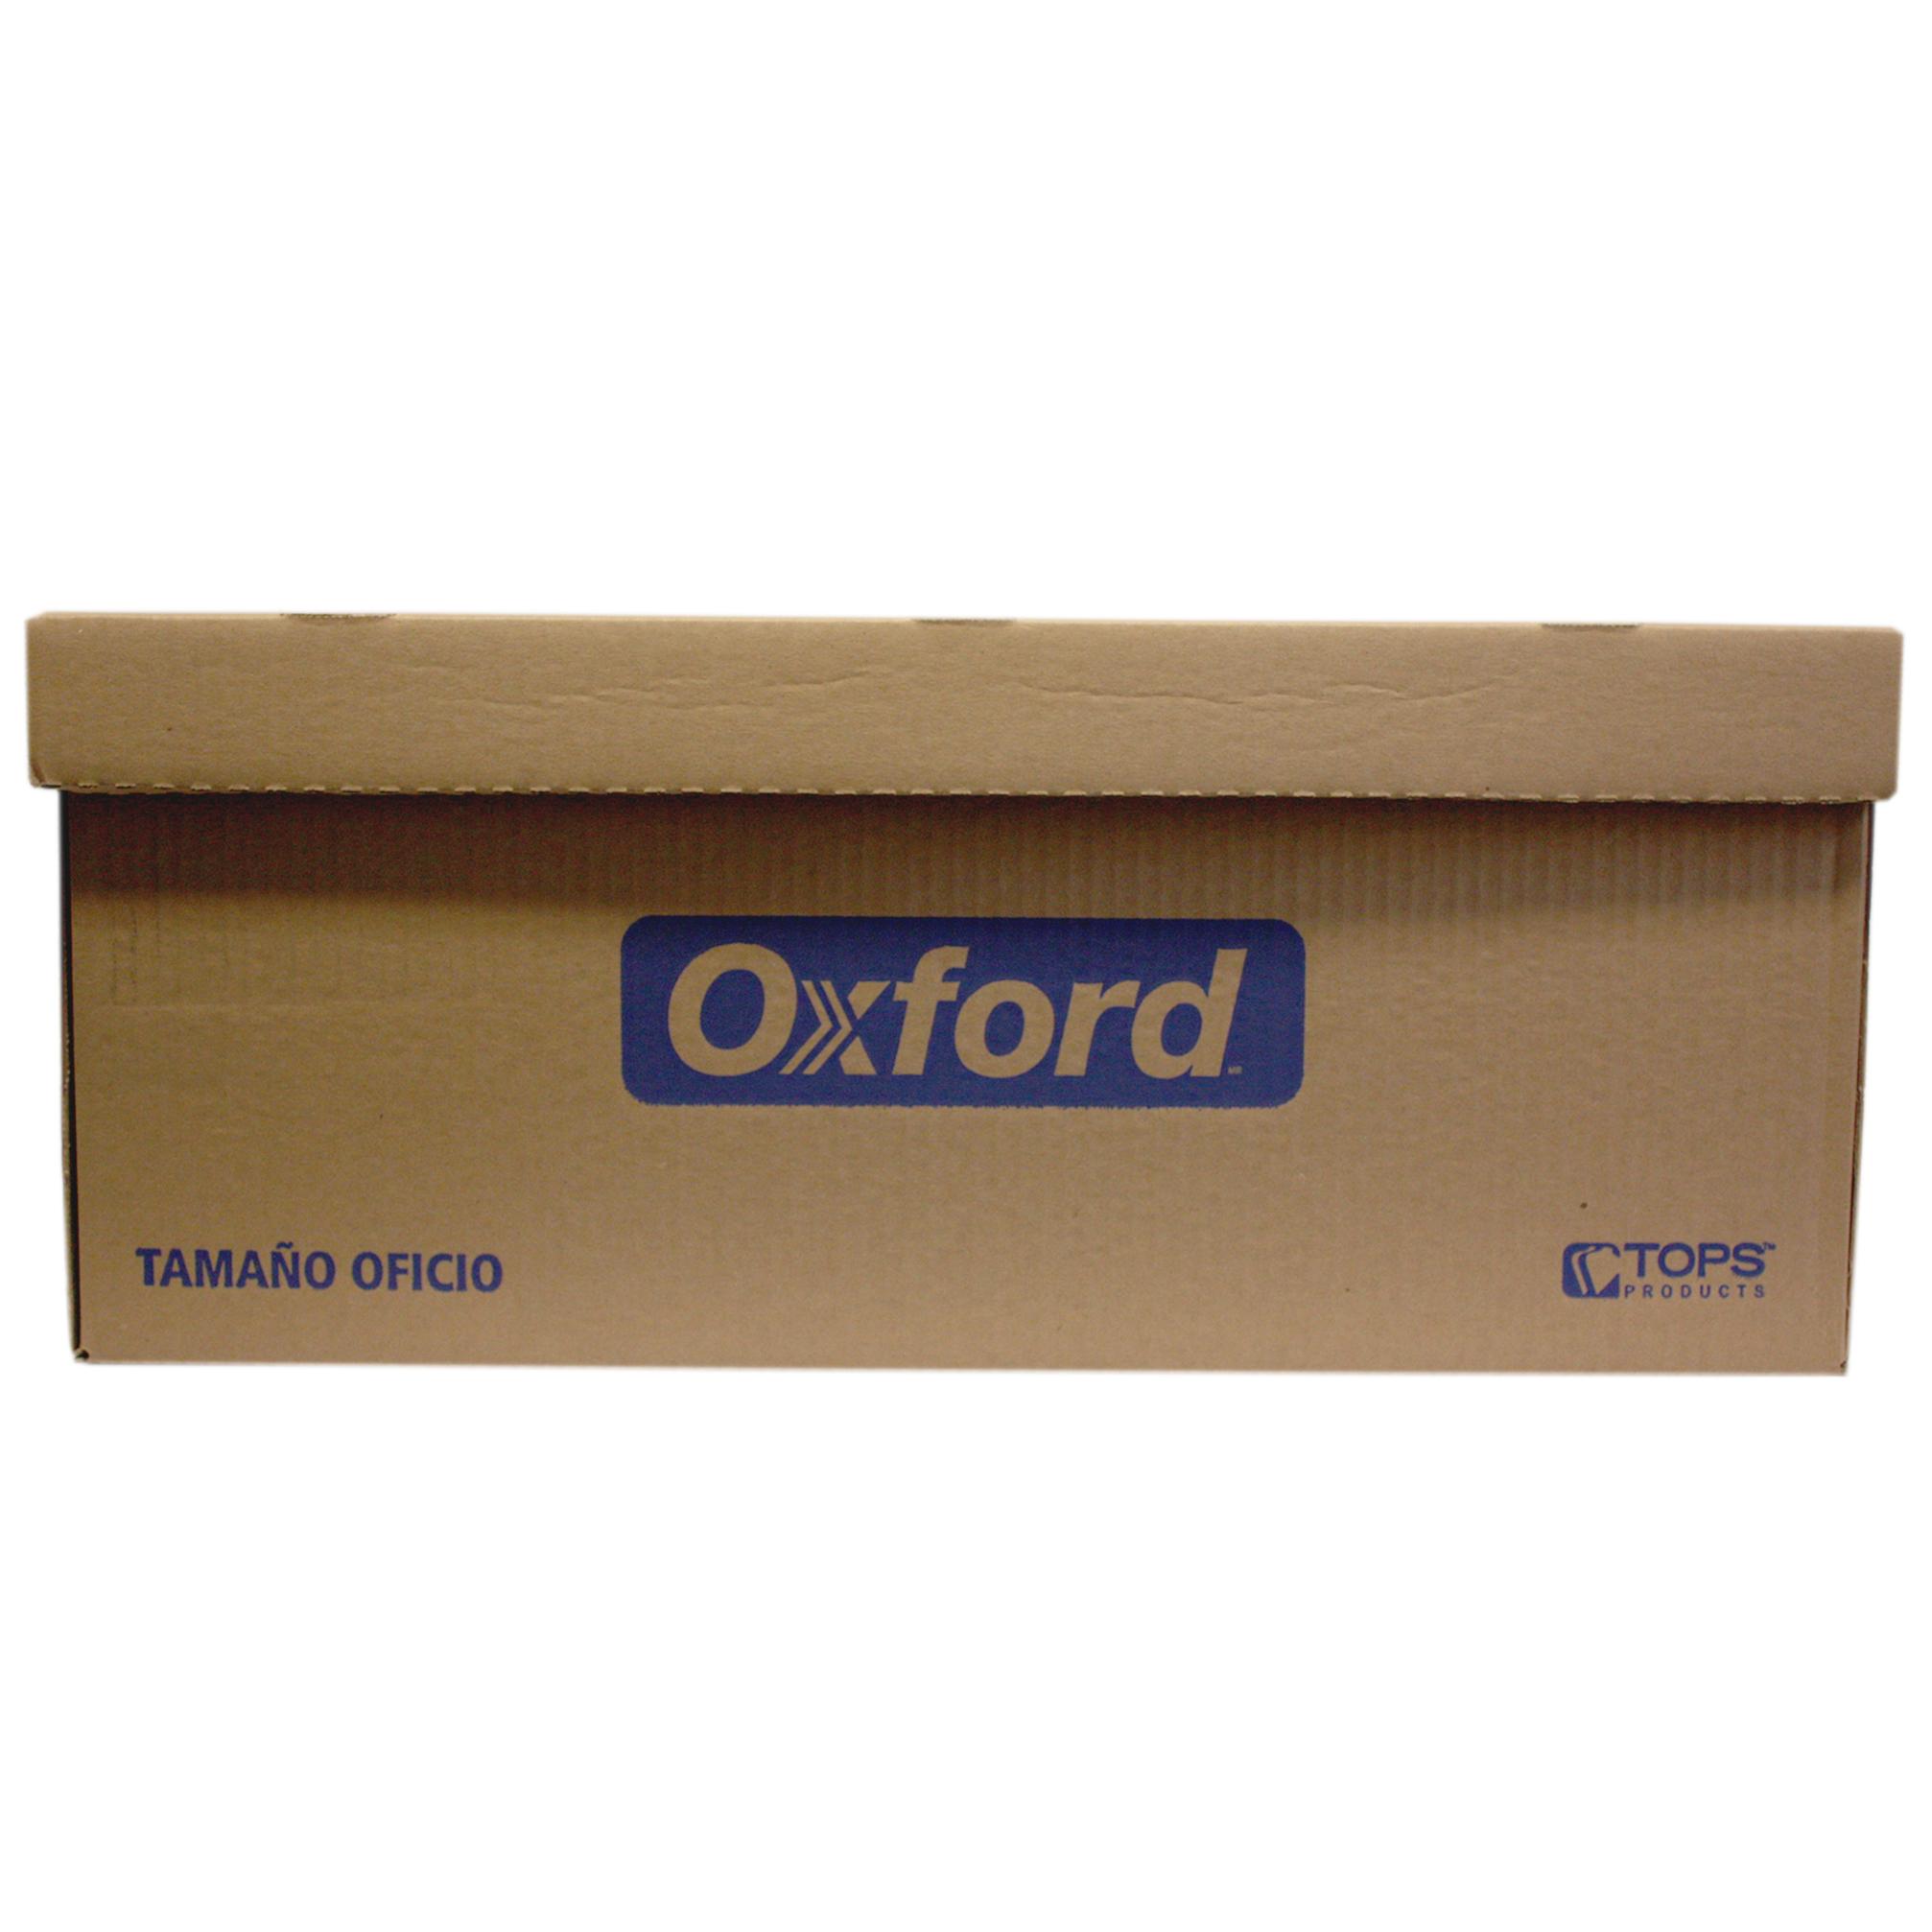 CAJA DE ARCHIVO OFICIO OXFORD RESISTEMCIA 7 KILOS - Caja De Archivo Oficio Oxford Pieza